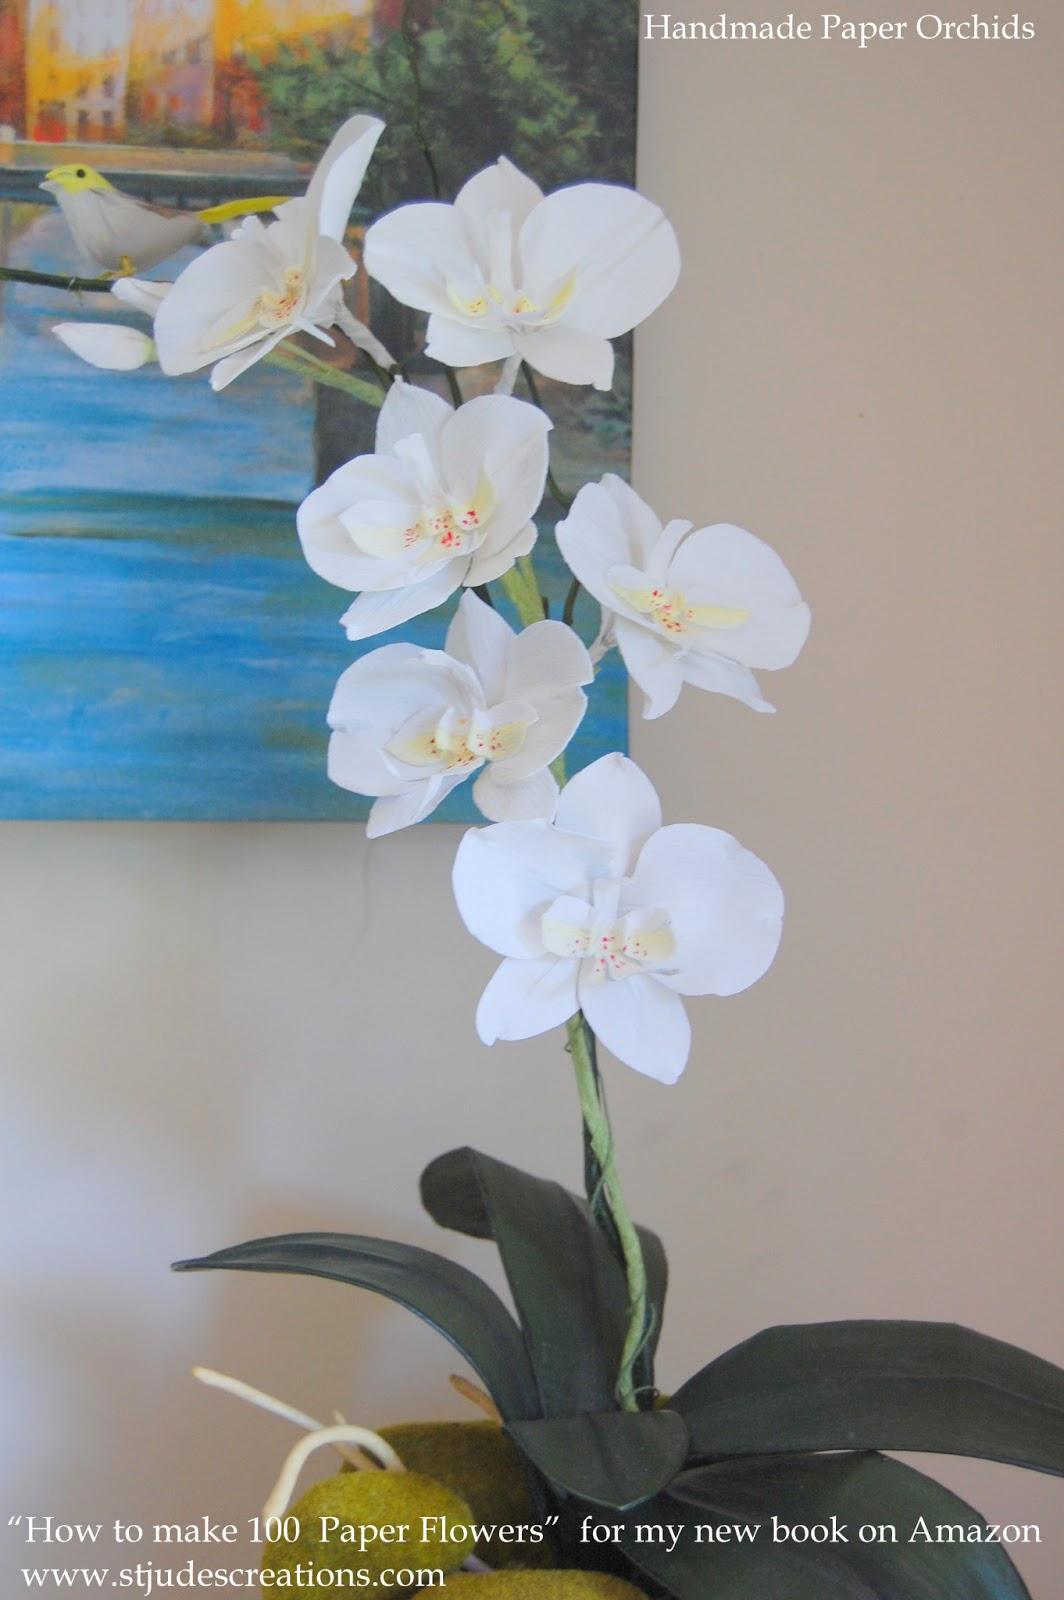 paper orchids arrangements home decor vase bowl